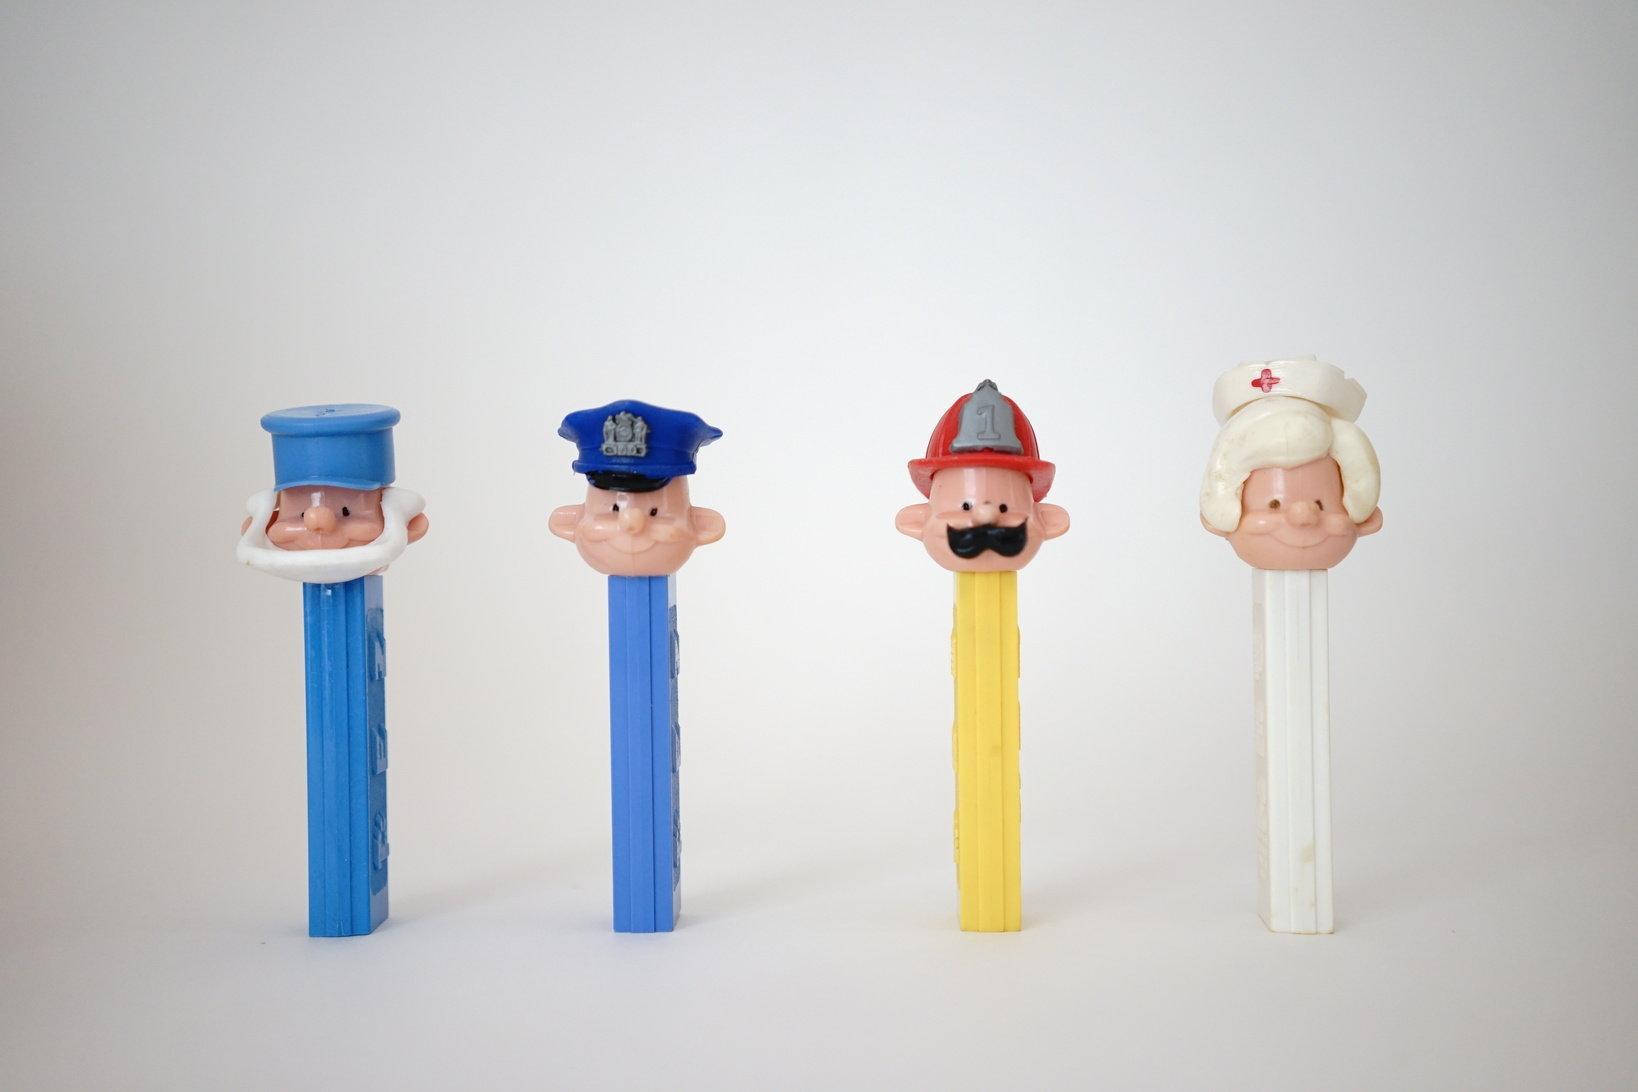 (左から)Sailor、Policeman、Fireman、Nurse